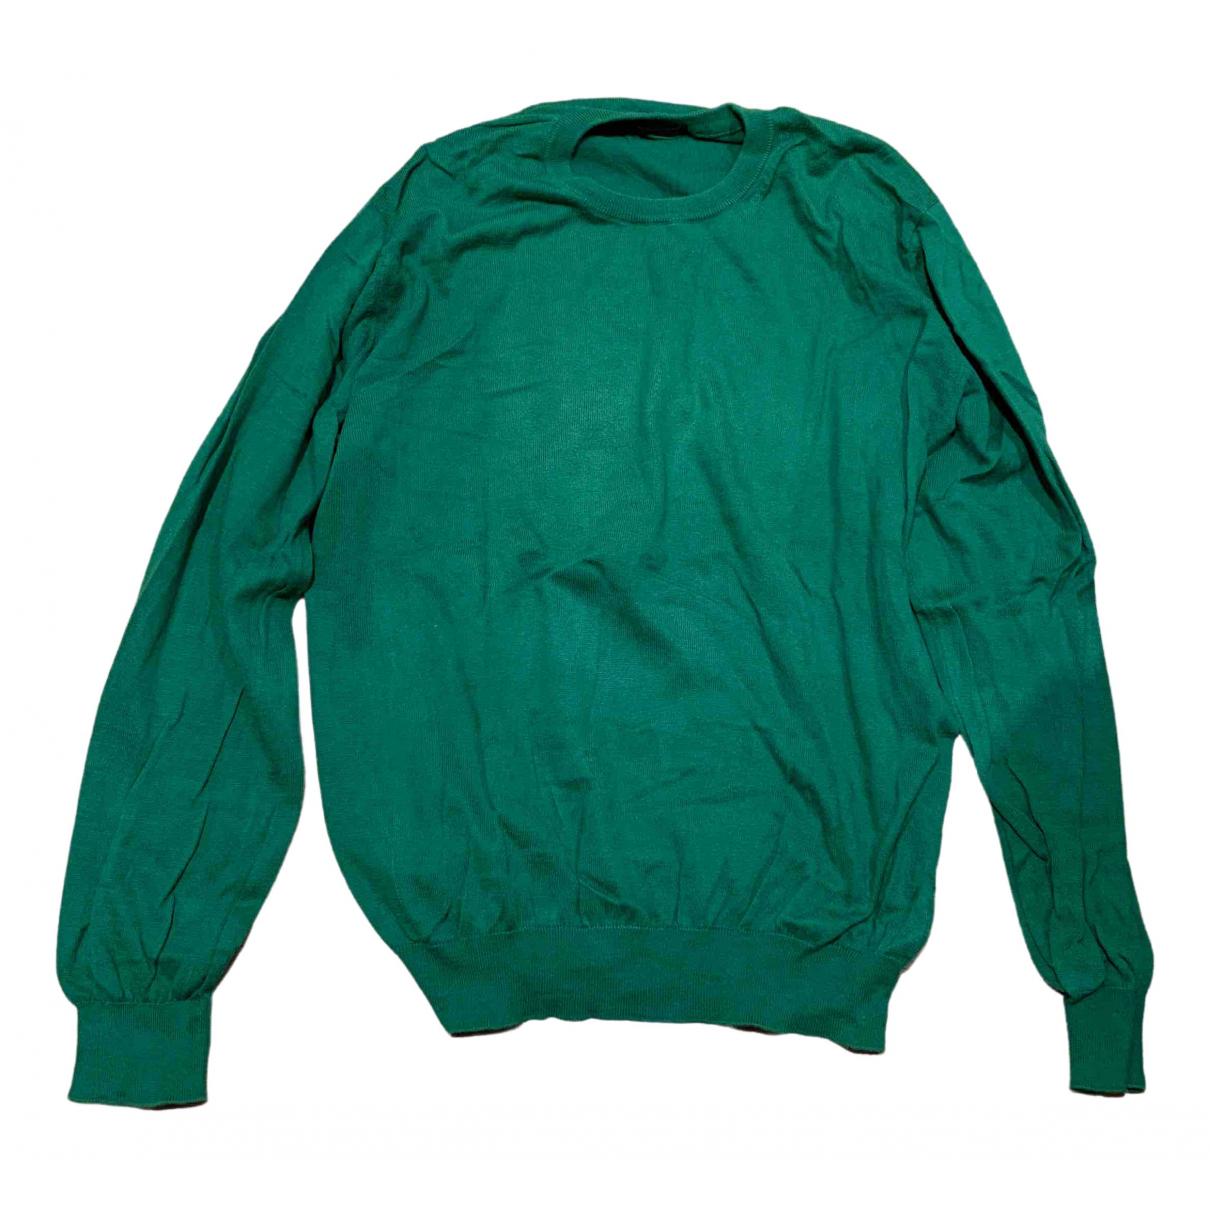 Ballantyne \N Pullover.Westen.Sweatshirts  in  Gruen Baumwolle